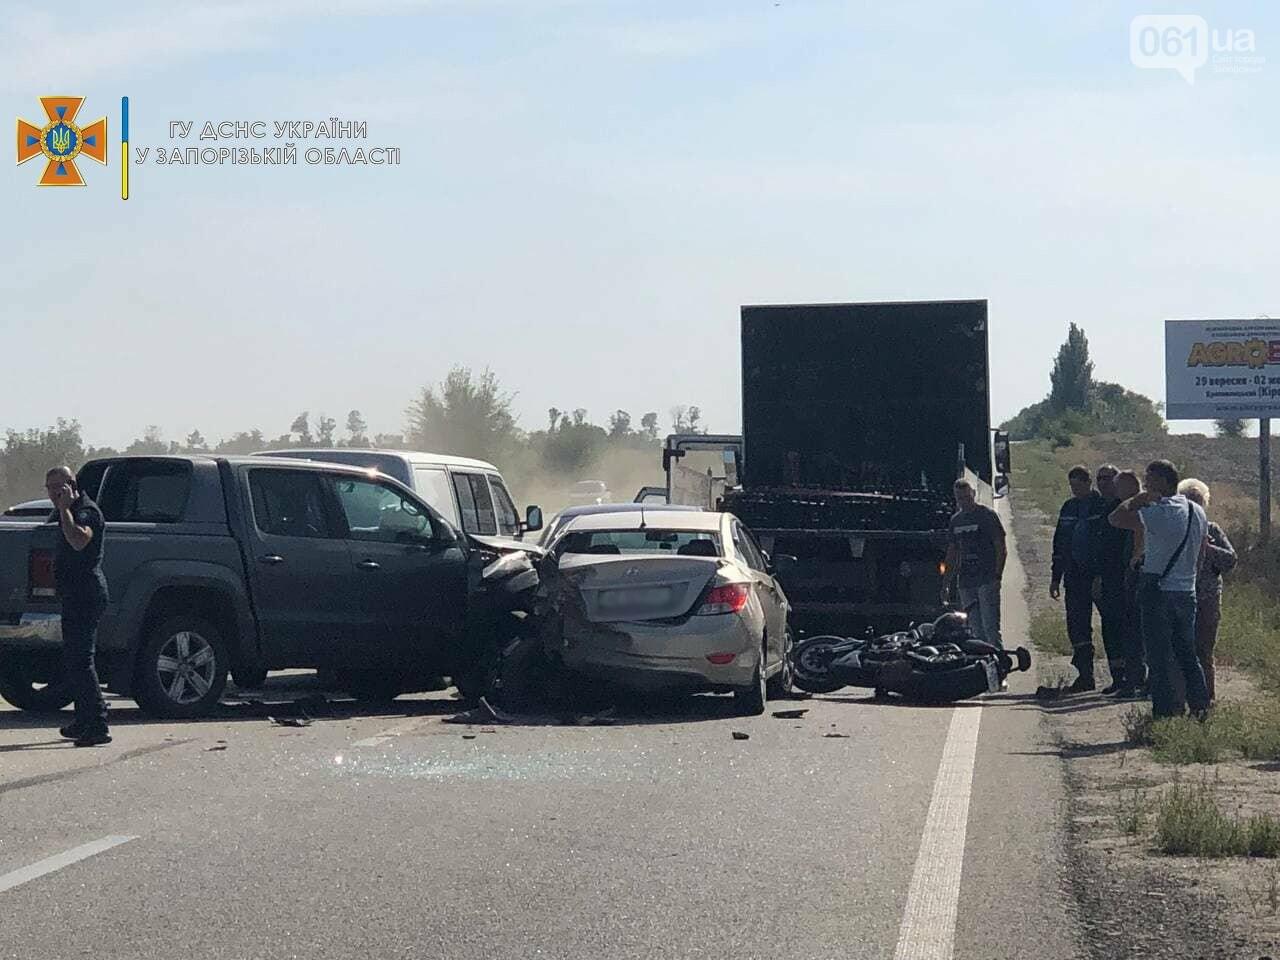 photo2021 09 1810 49 20result 61459dd84c9b7 - На запорожской трассе из-за дыма от пожара столкнулись пять автомобилей